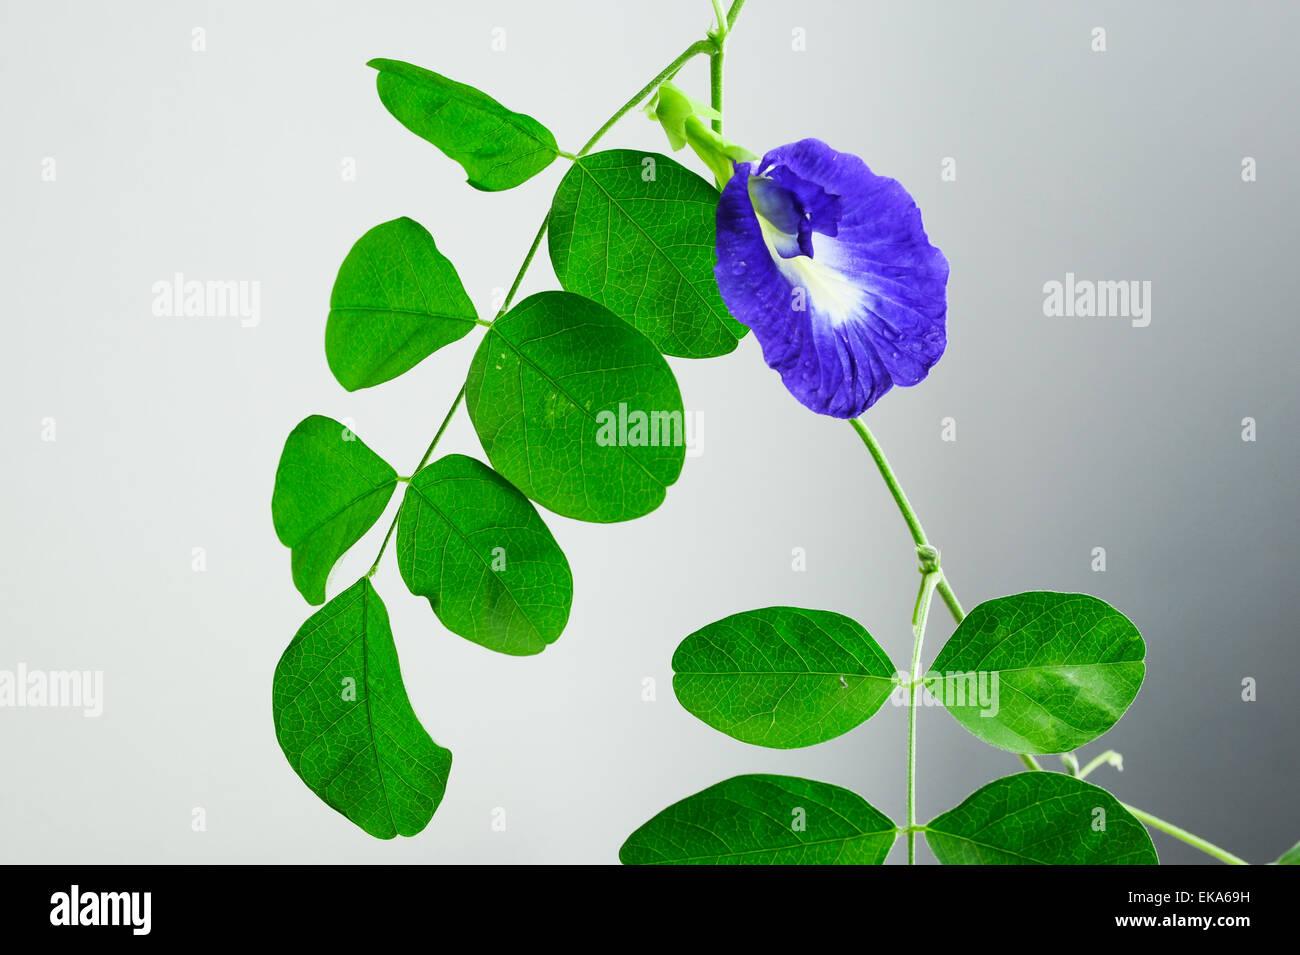 Butterfly Pea Flower Stockfotos & Butterfly Pea Flower Bilder - Alamy